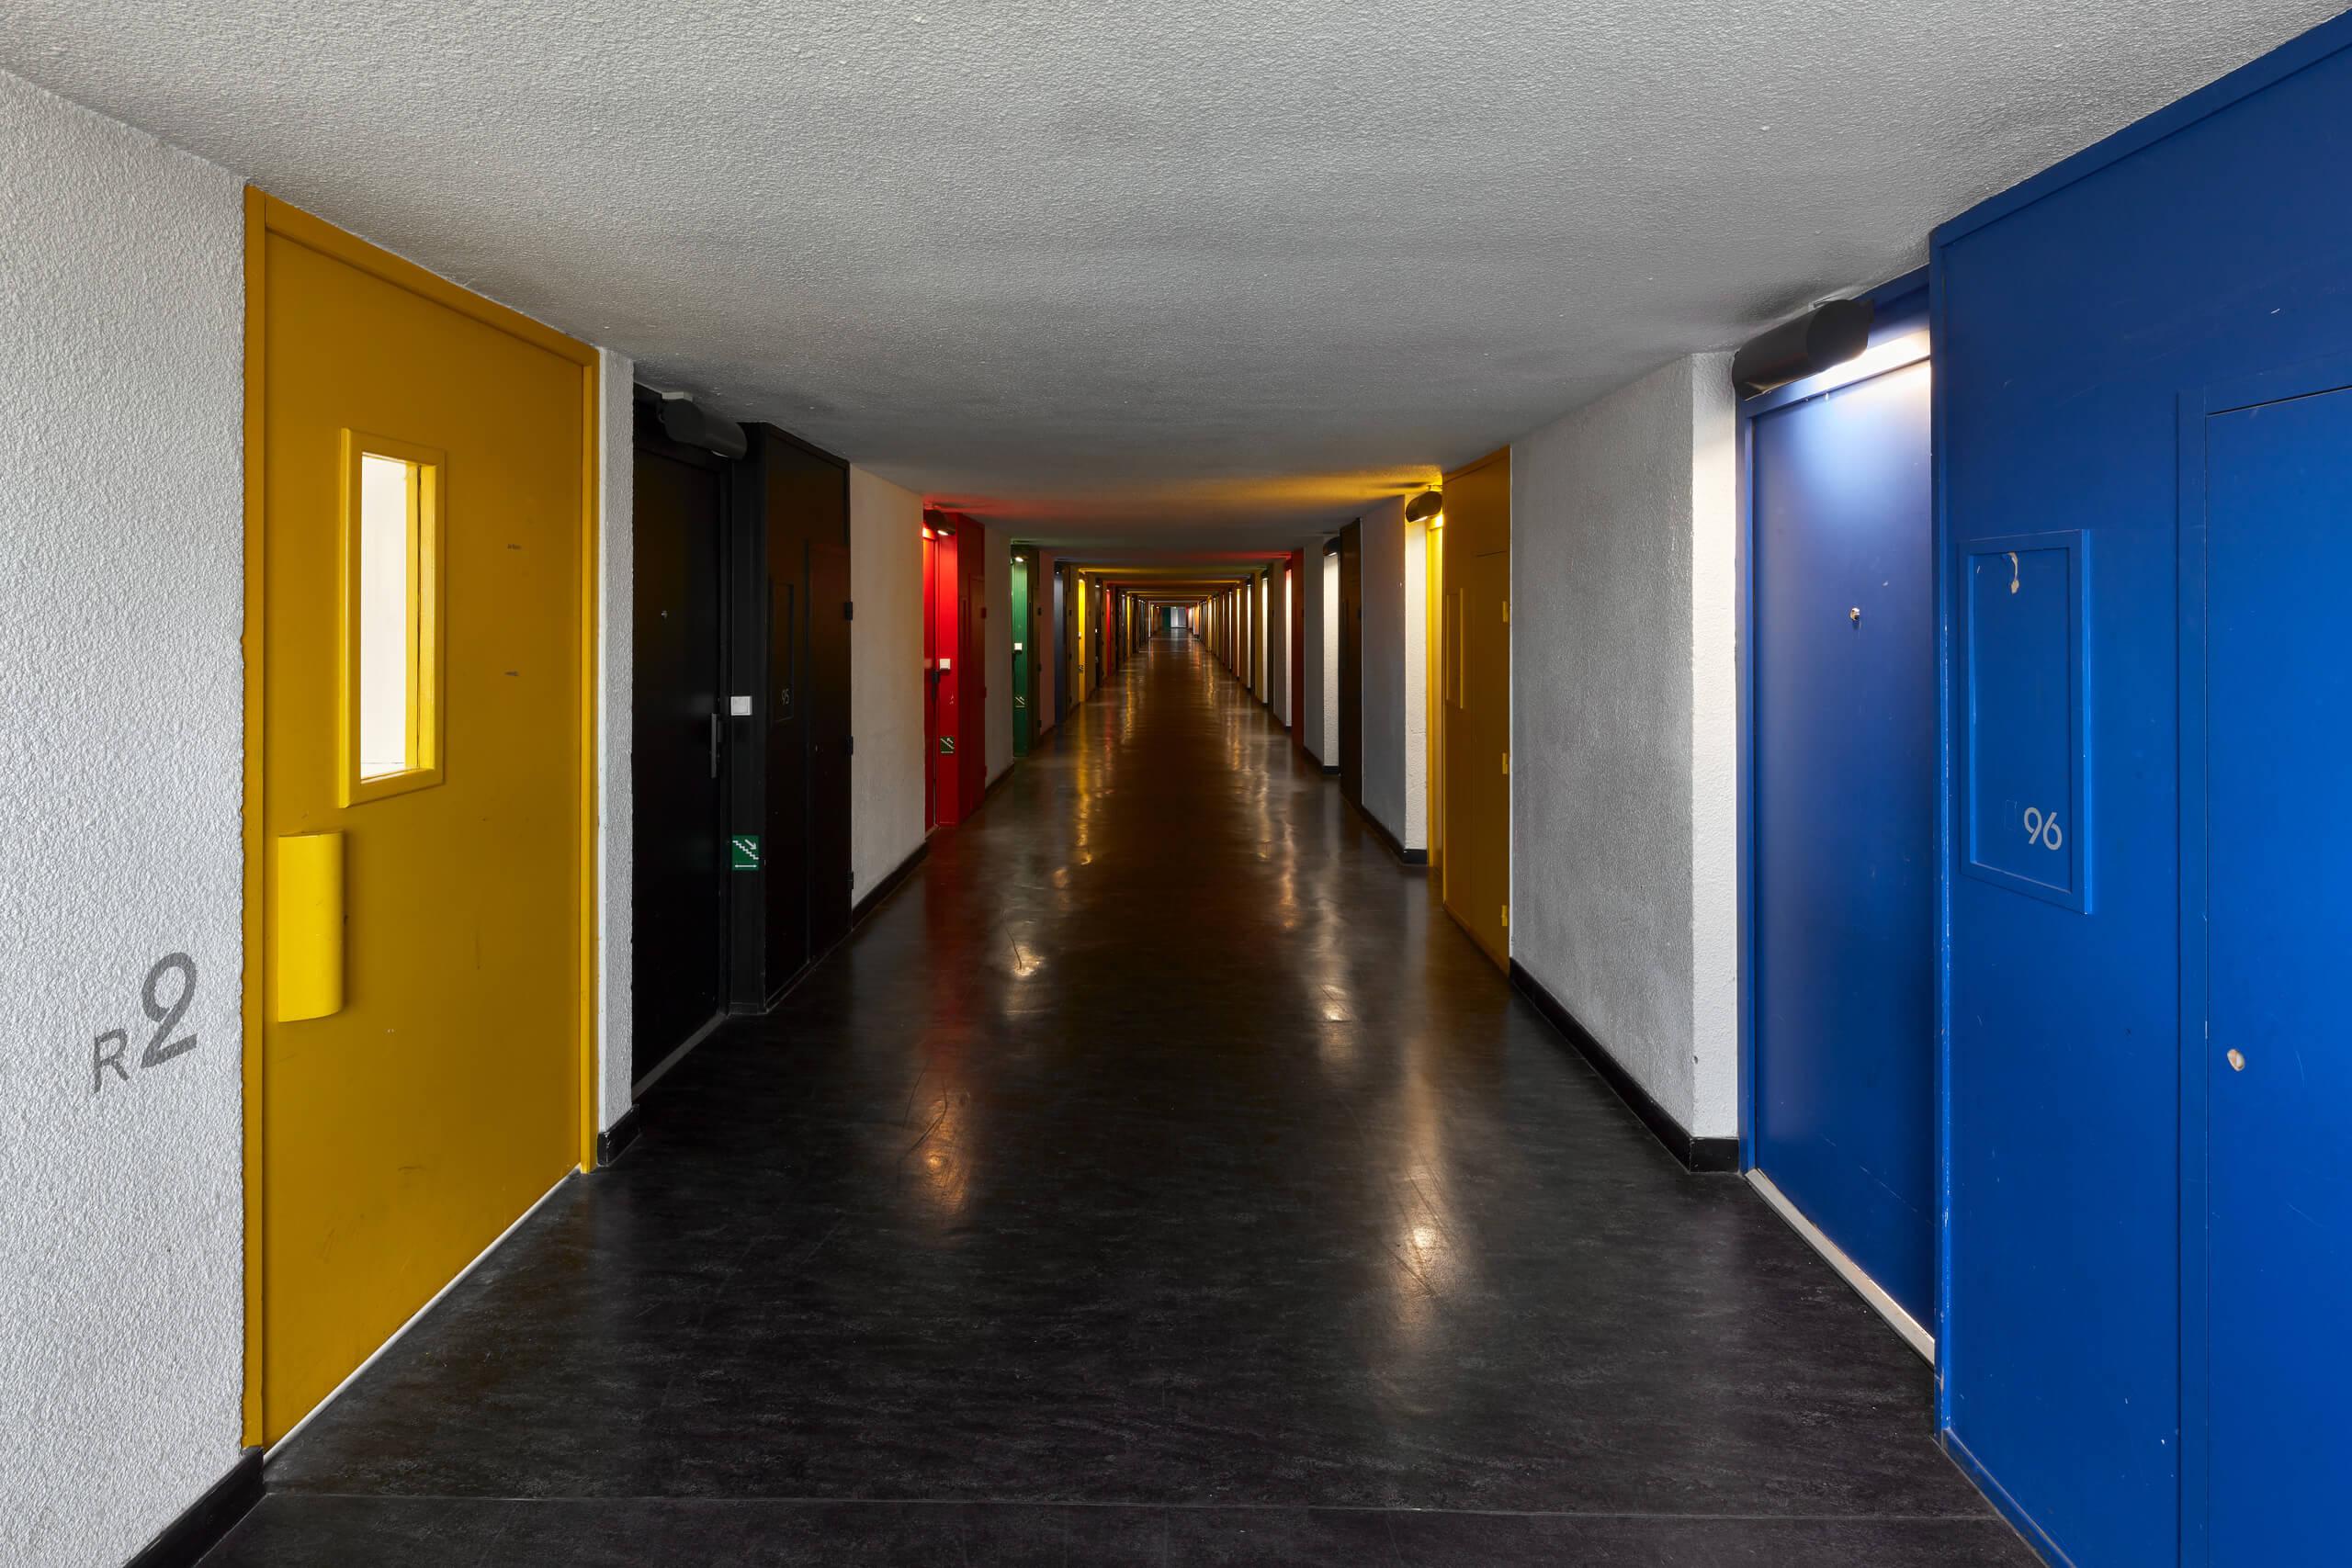 Federico_Covre_Unité_Firminy_Le_Corbusier_2018_55